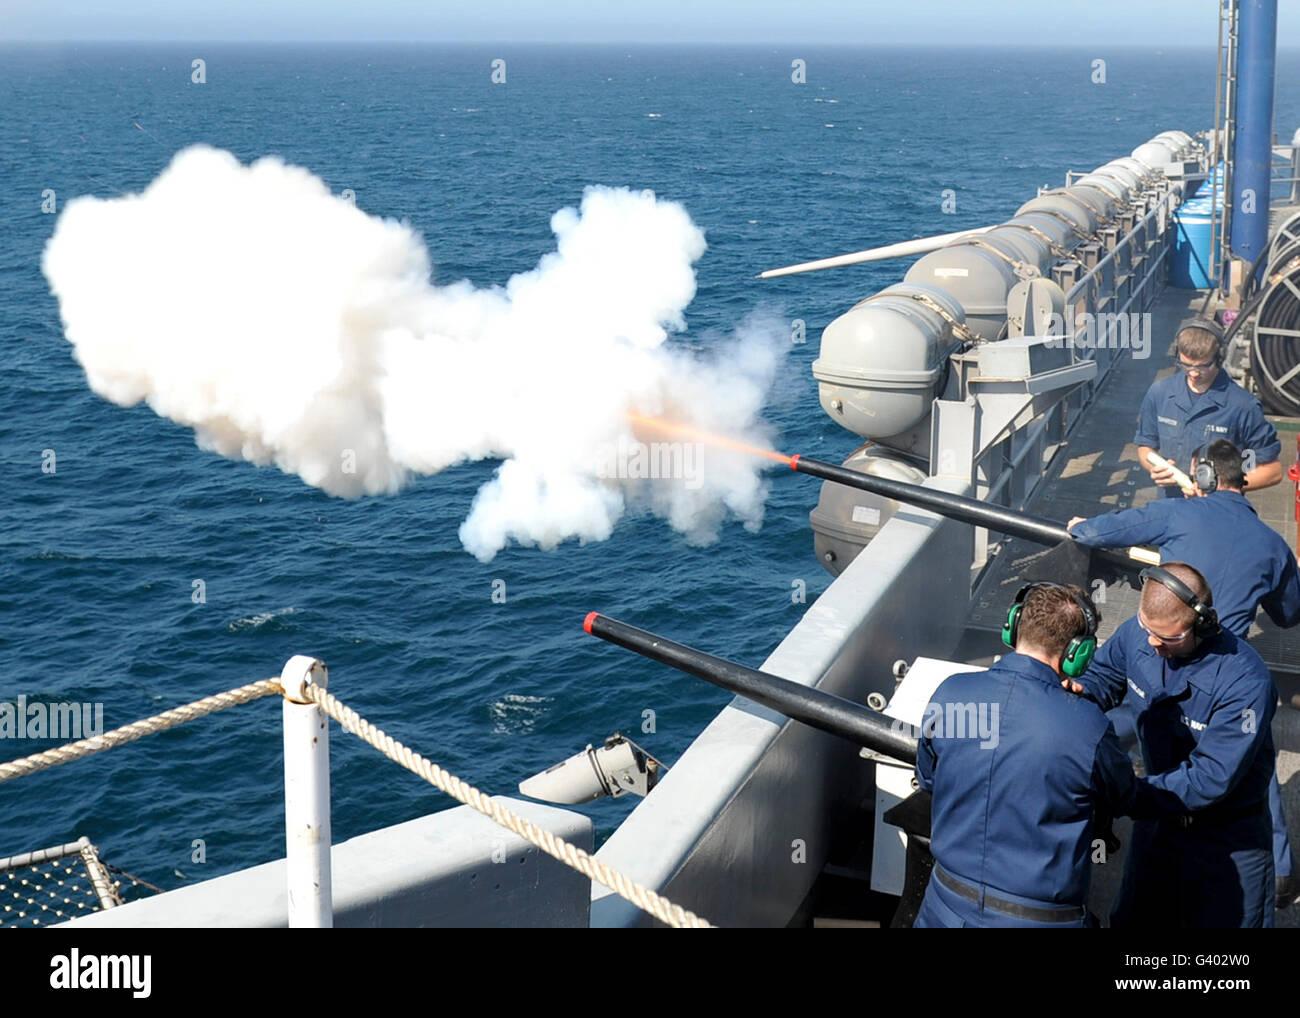 Gunner's mates essai au feu les canons à bord du navire USS Nimitz salut. Photo Stock